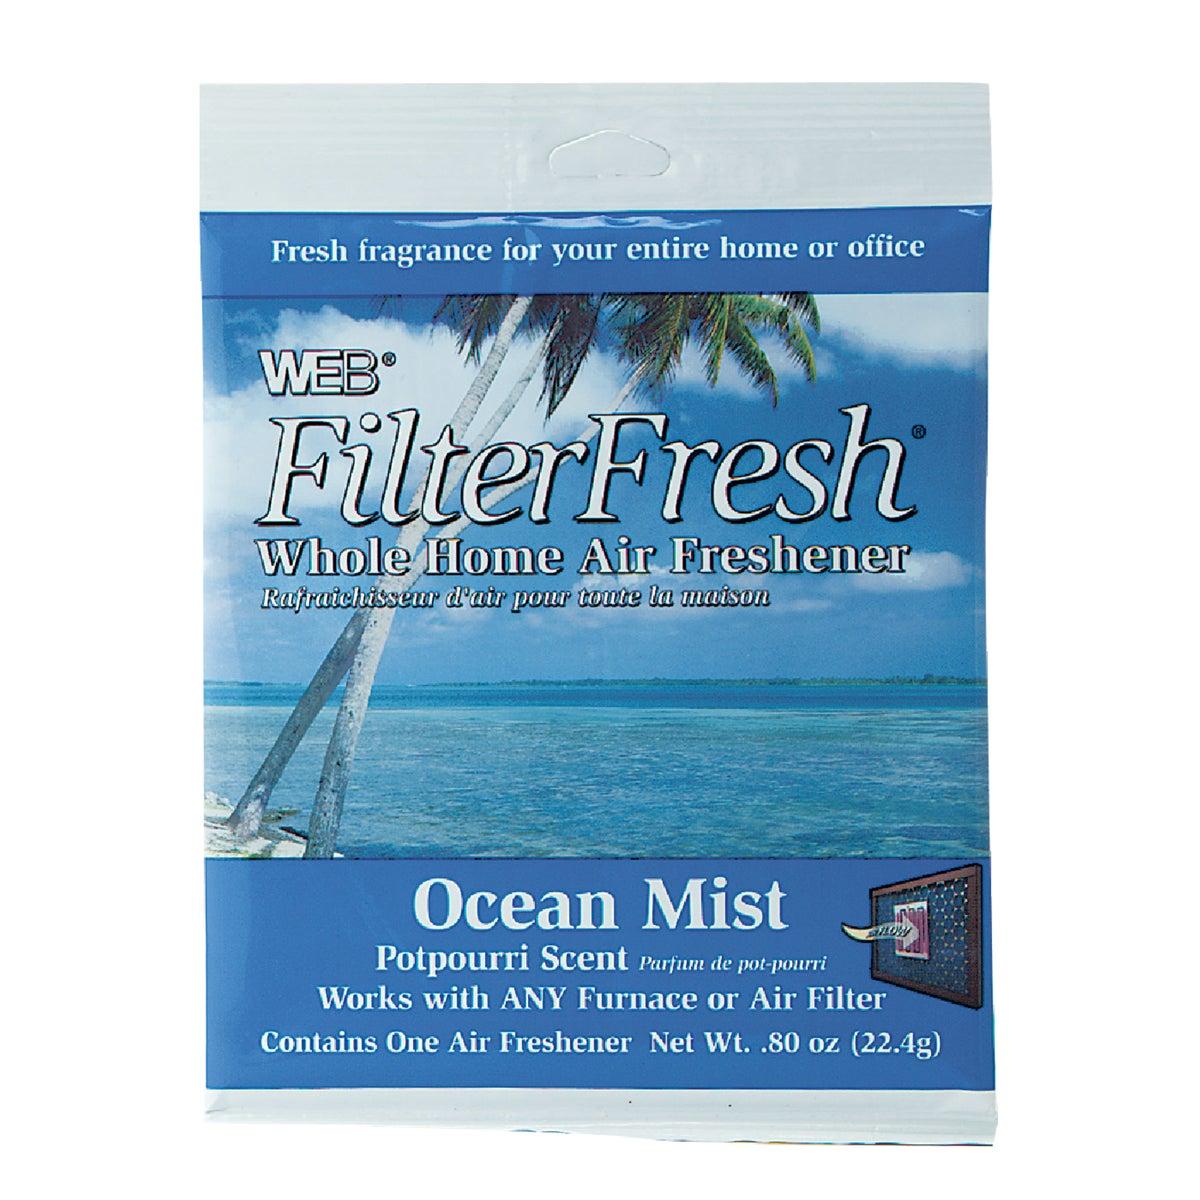 OCEAN FLTR AIR FRESHENER